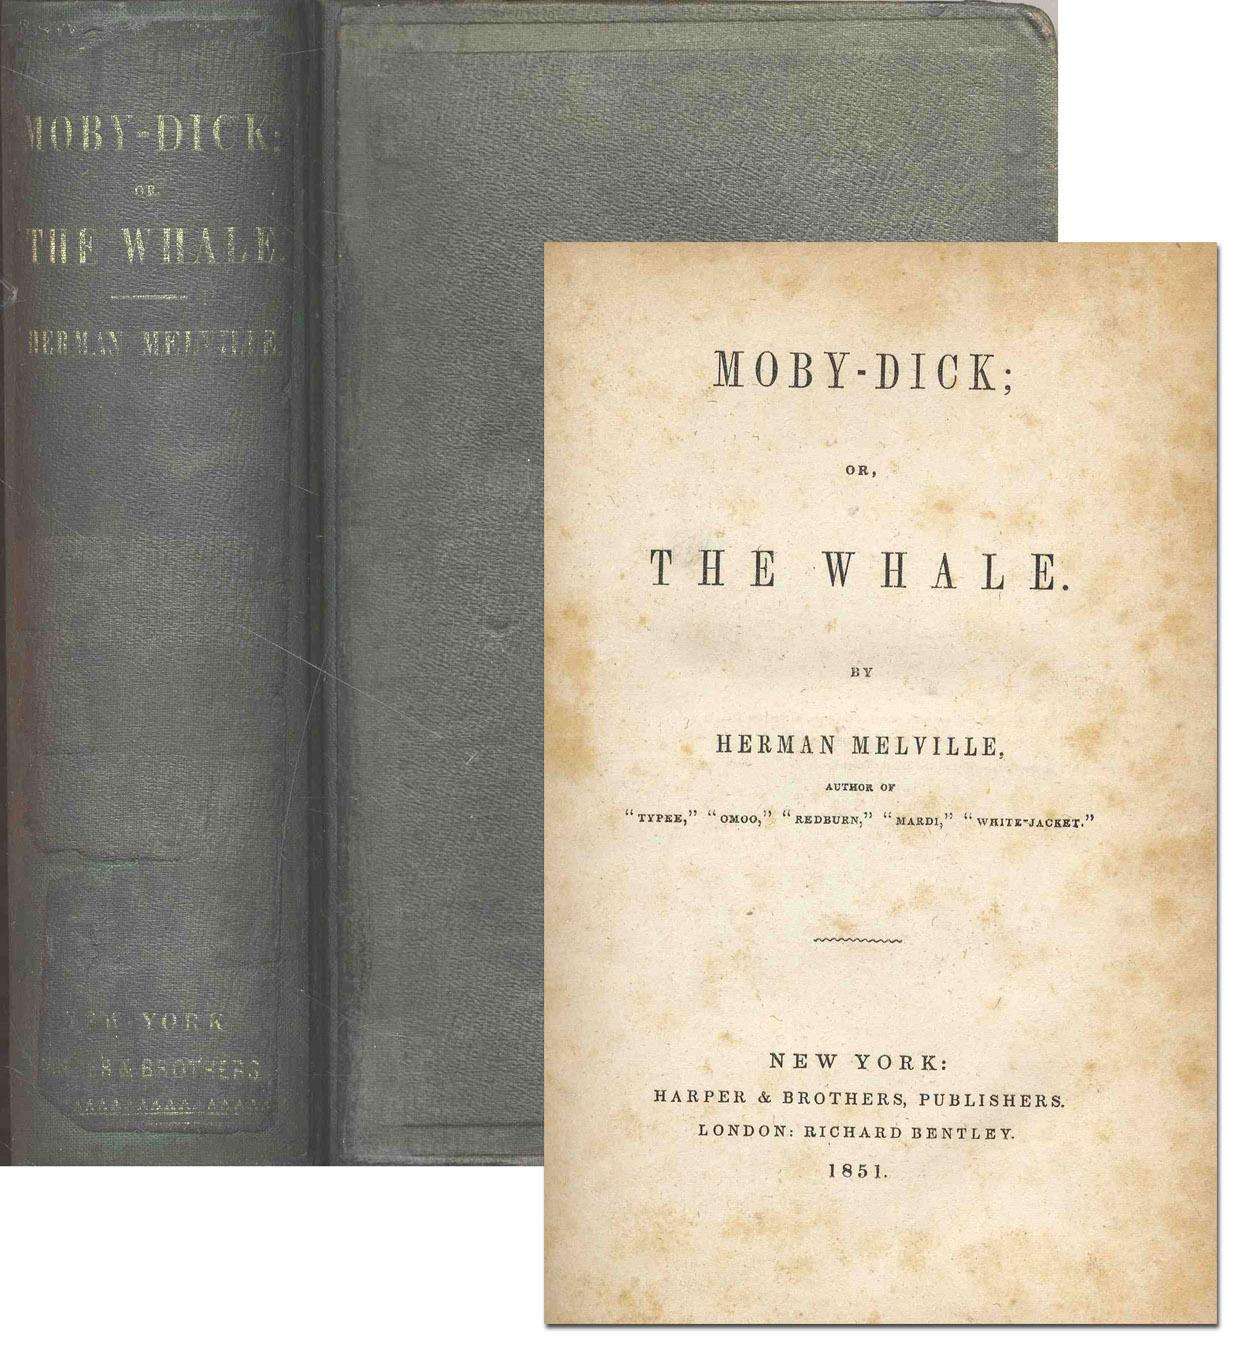 THE MALTESE FALCON (Fine Unrestored Copy of the First